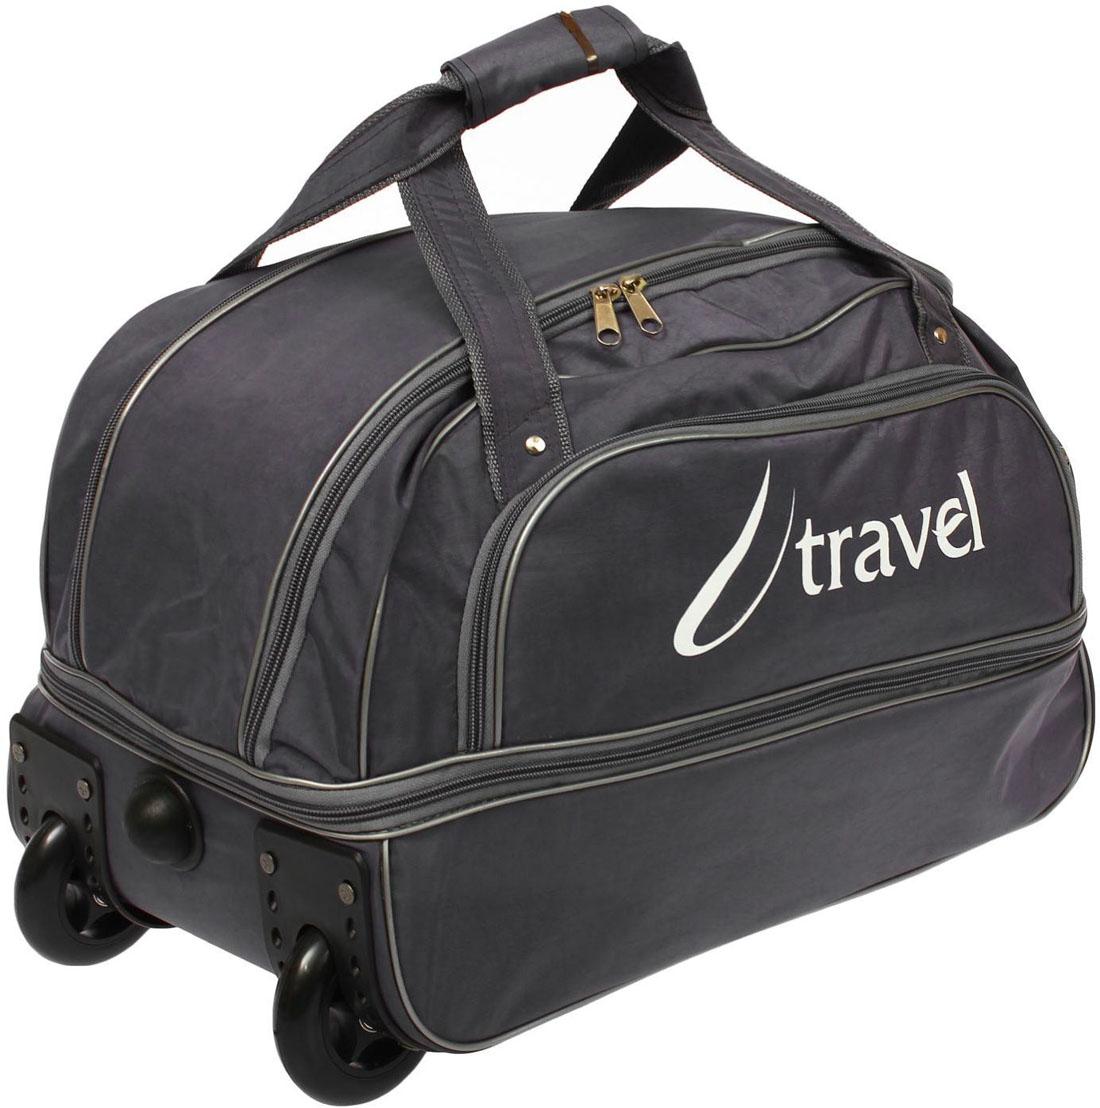 Сумка дорожная AMeN, цвет: черный. 1696035DRF-F367Прочная дорожная сумка AMeN на двух колесах пригодится как в путешествии, так и в деловых поездках. Она позволяет взять с собой все необходимое: от нижнего белья до брюк, юбок и пиджаков. Модель оснащена широкими ручками и съемным длинным ремнем для комфортной переноски. Дорожный аксессуар прослужит много лет, так как изготовлен из прочного текстиля, устойчивого к выцветанию.